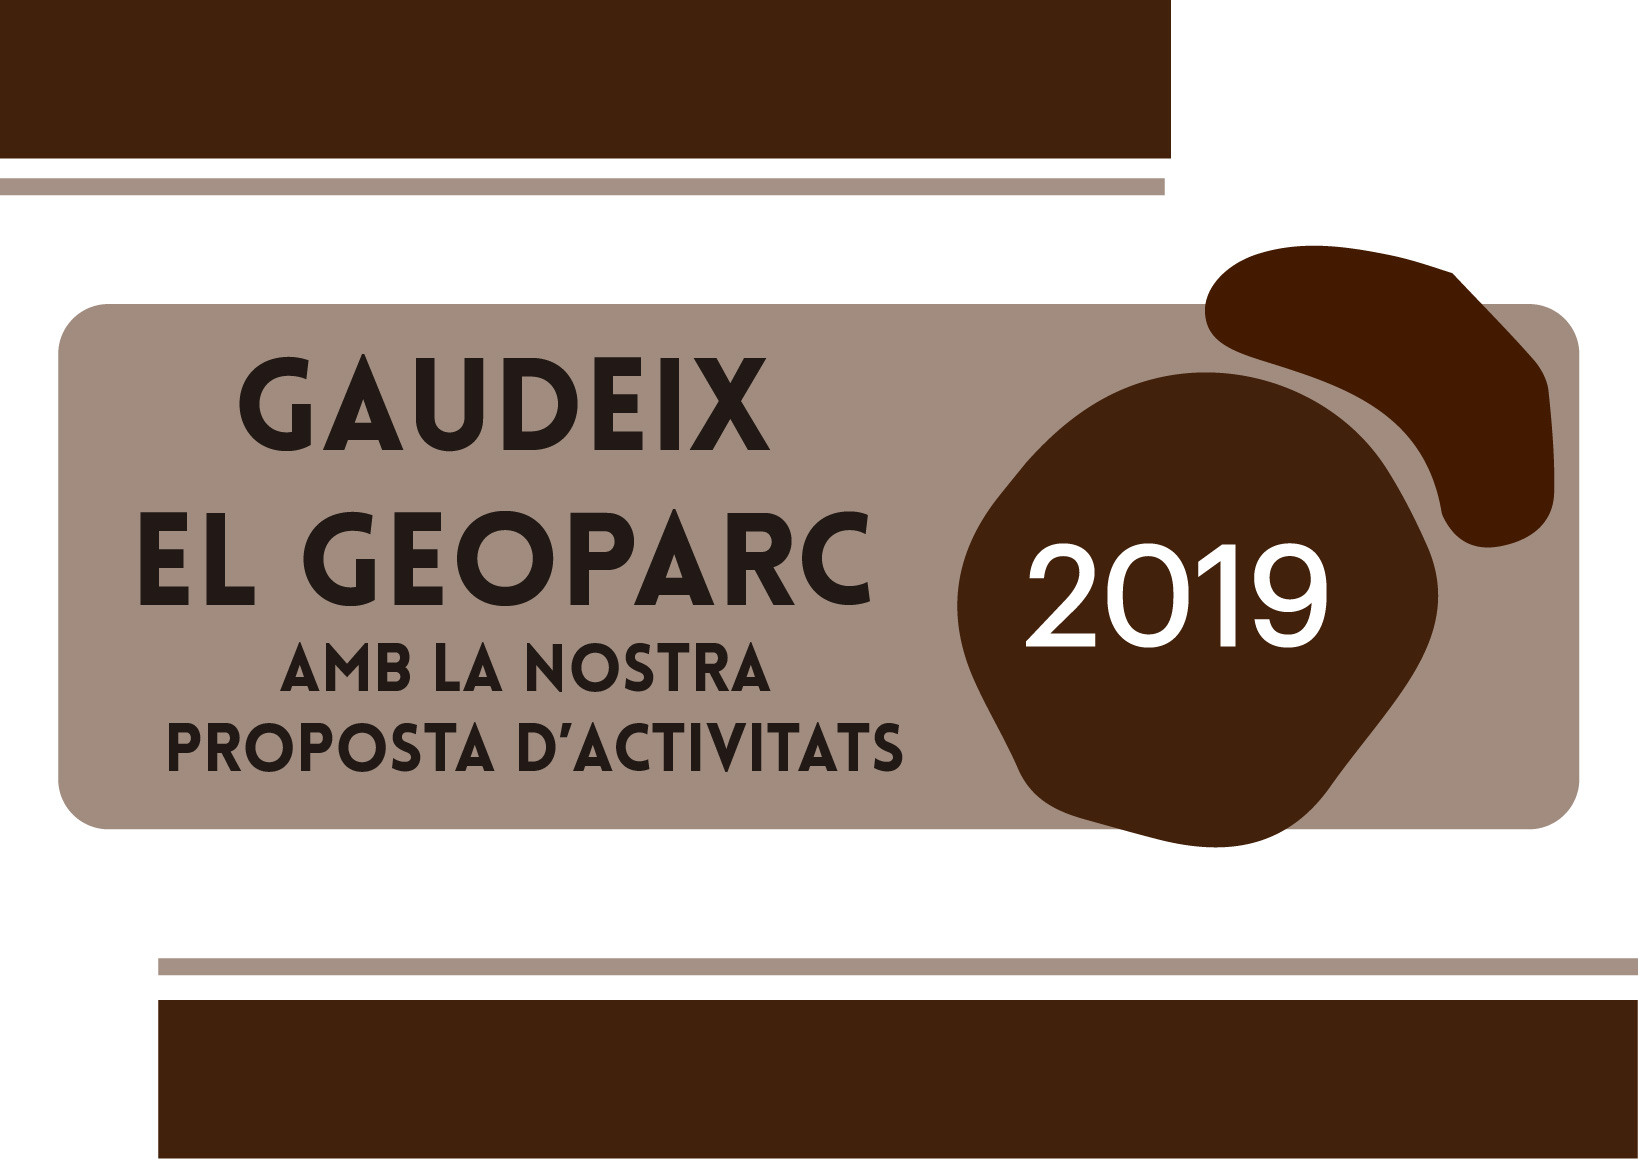 Activitats turístiques al Geoparc